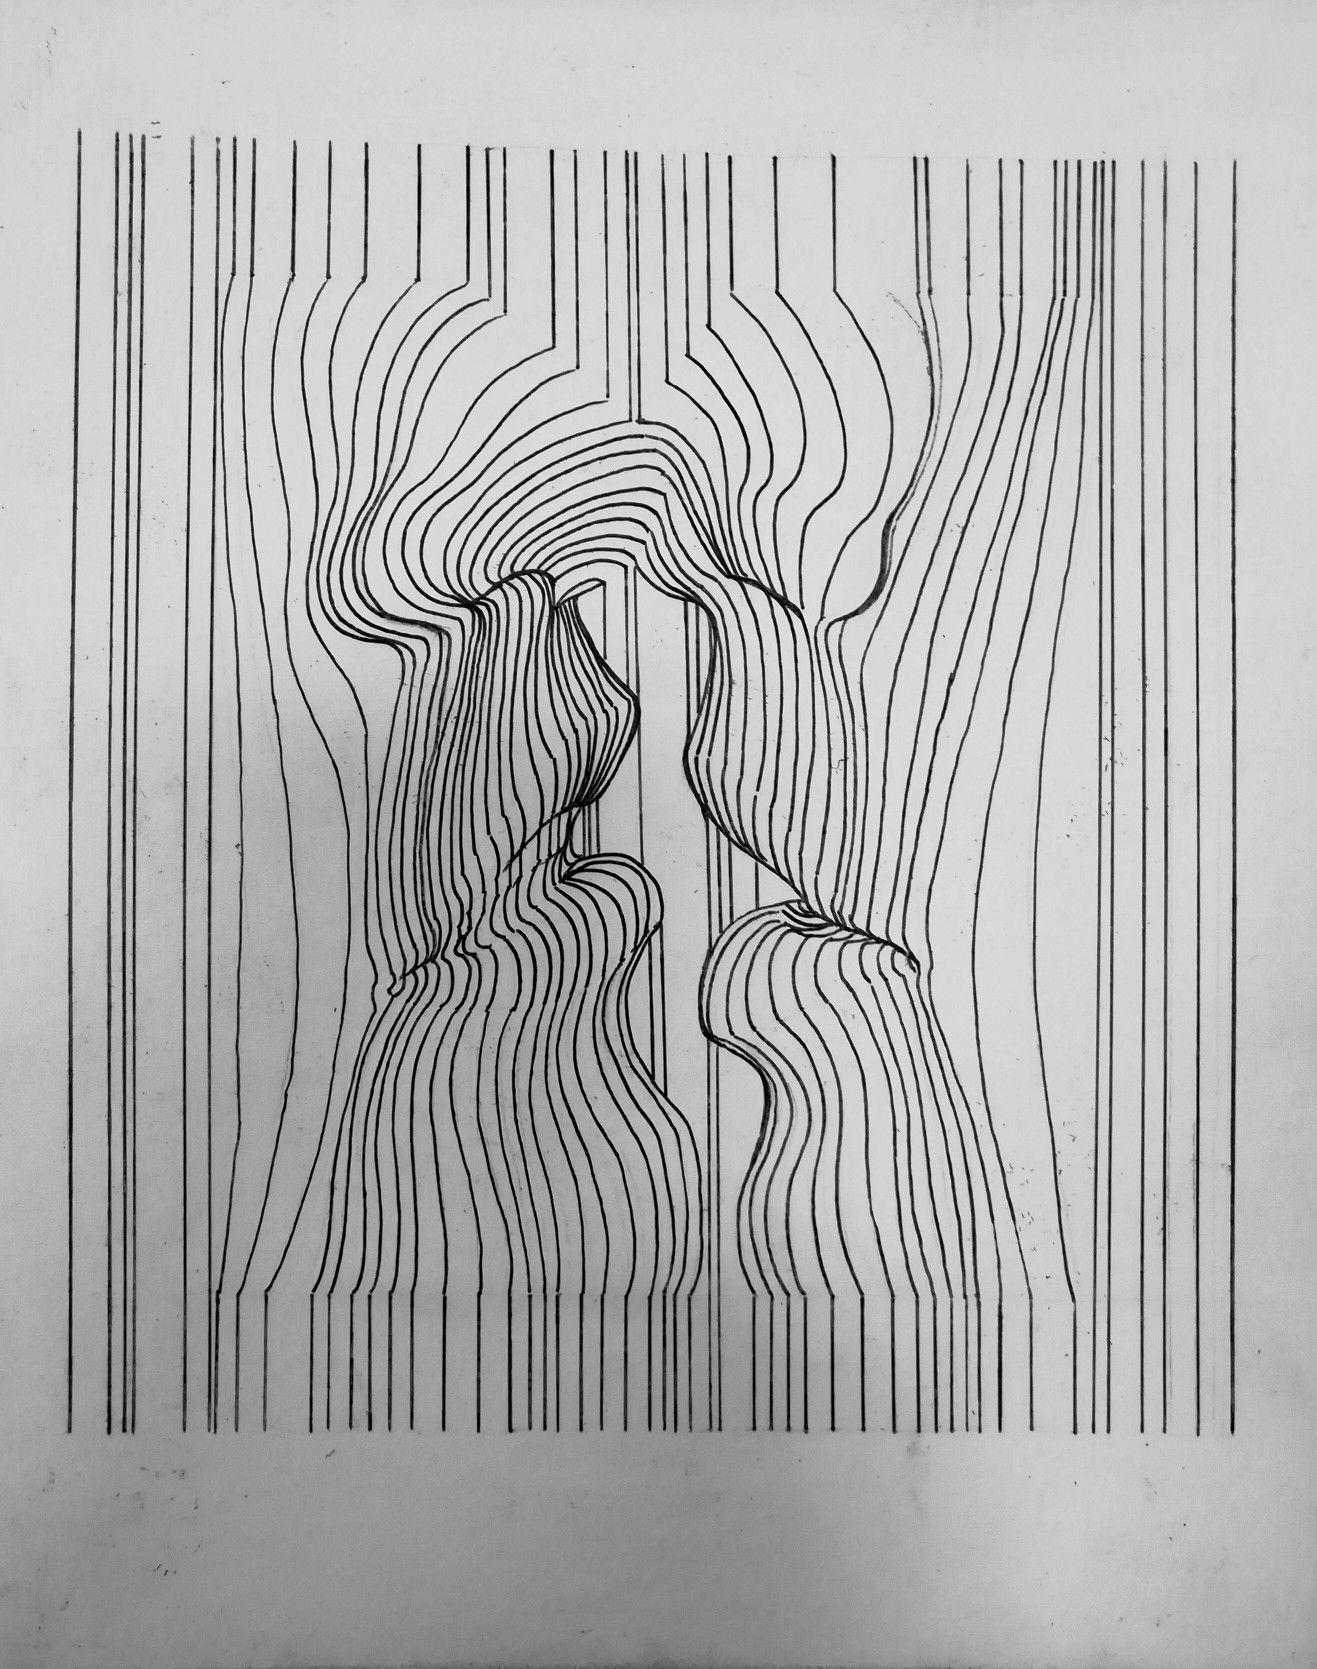 рисунки из линий карандашом толстые и тонкие руководство ржд